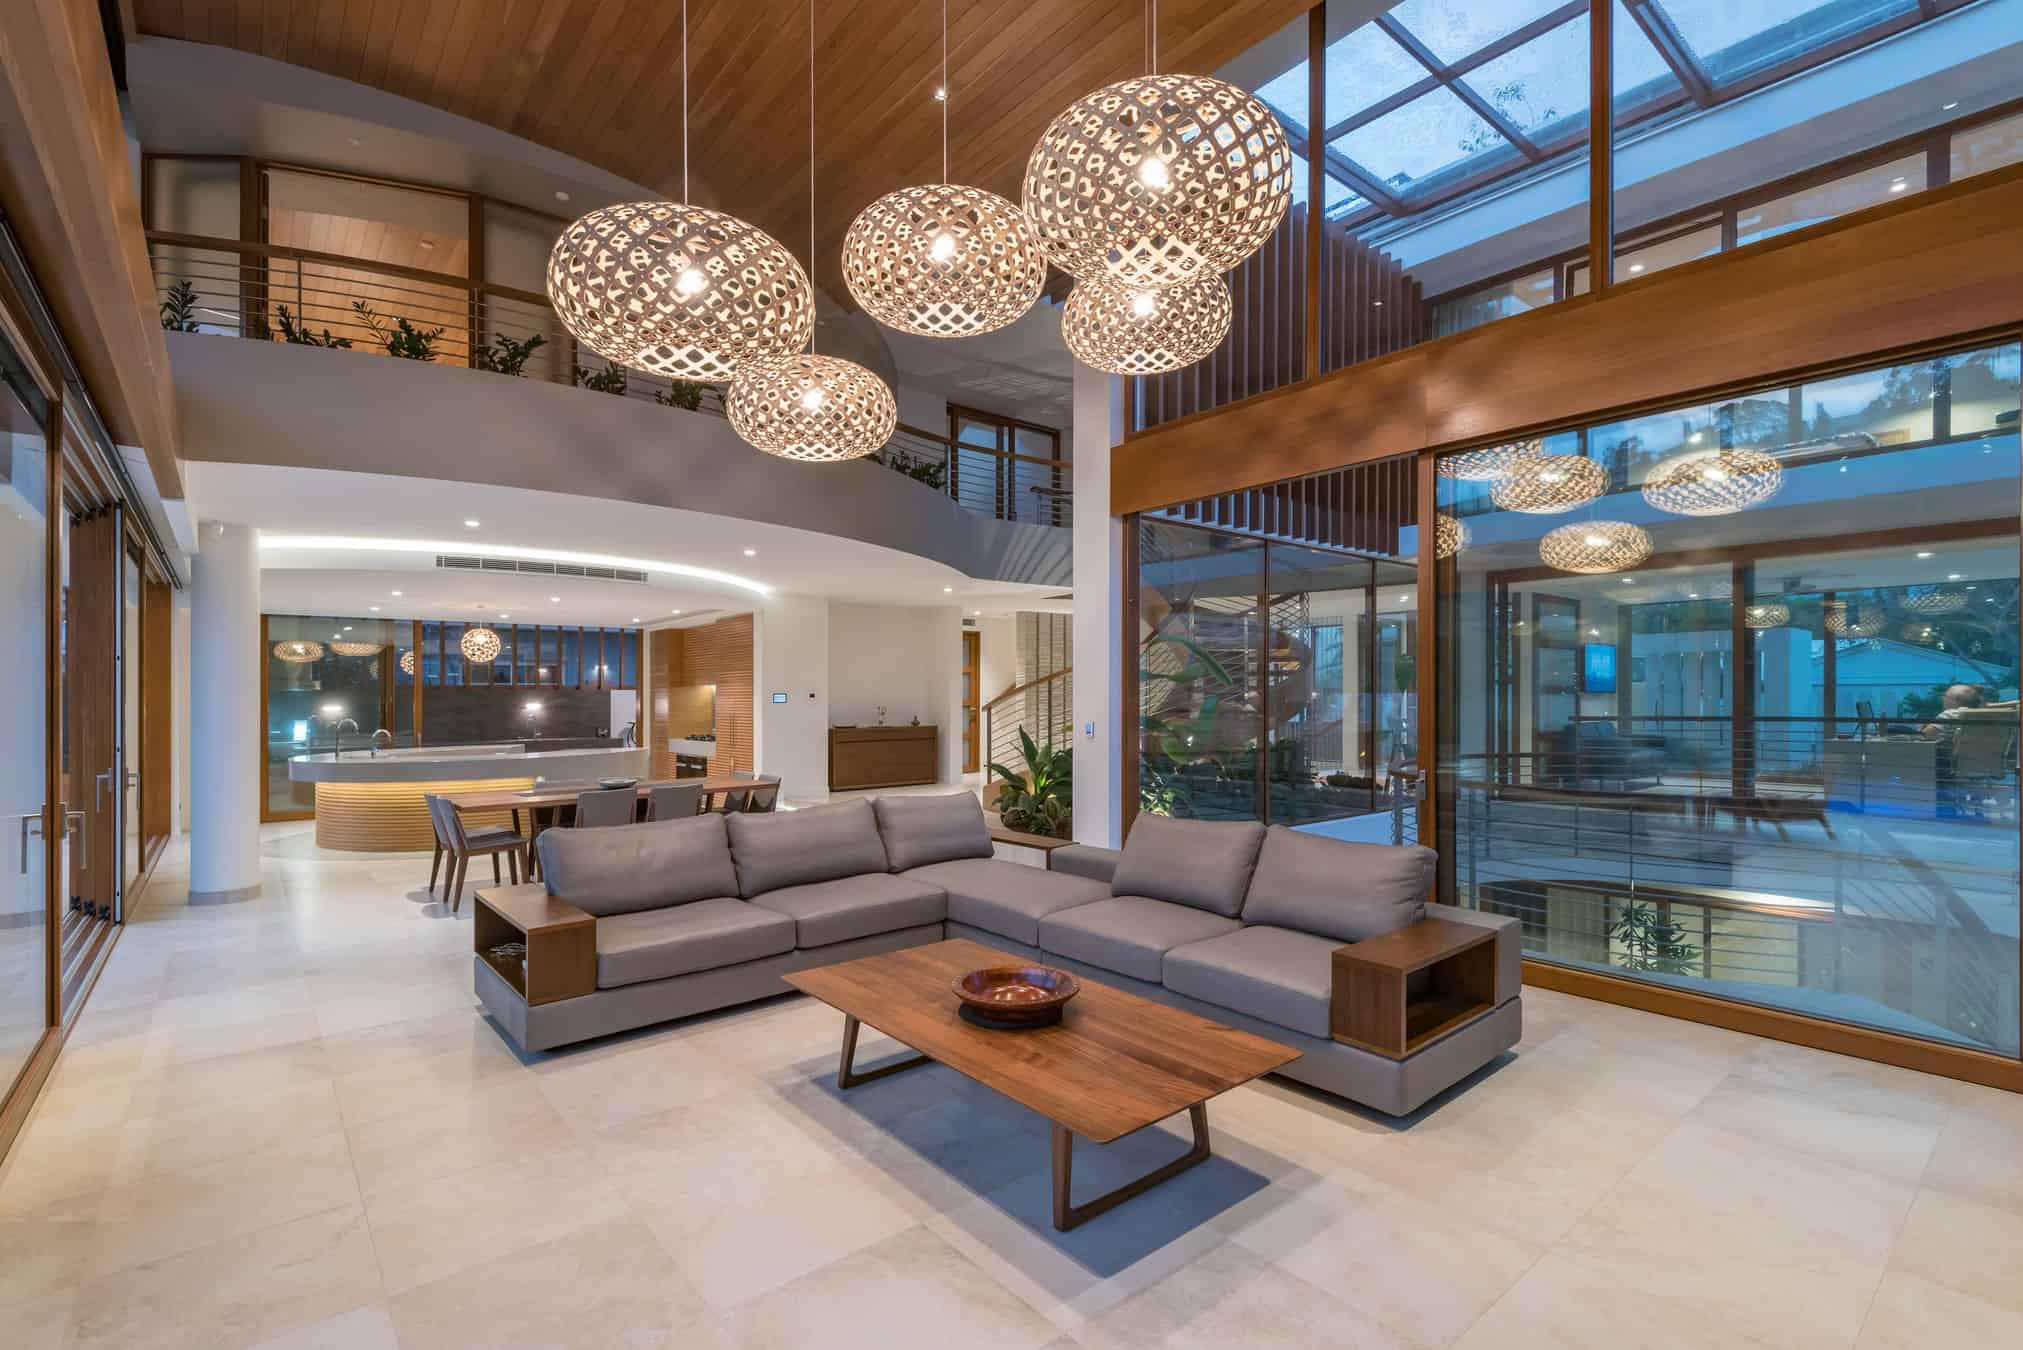 CONTEMPORARY TROPICAL HOUSE - Chris Clout Design